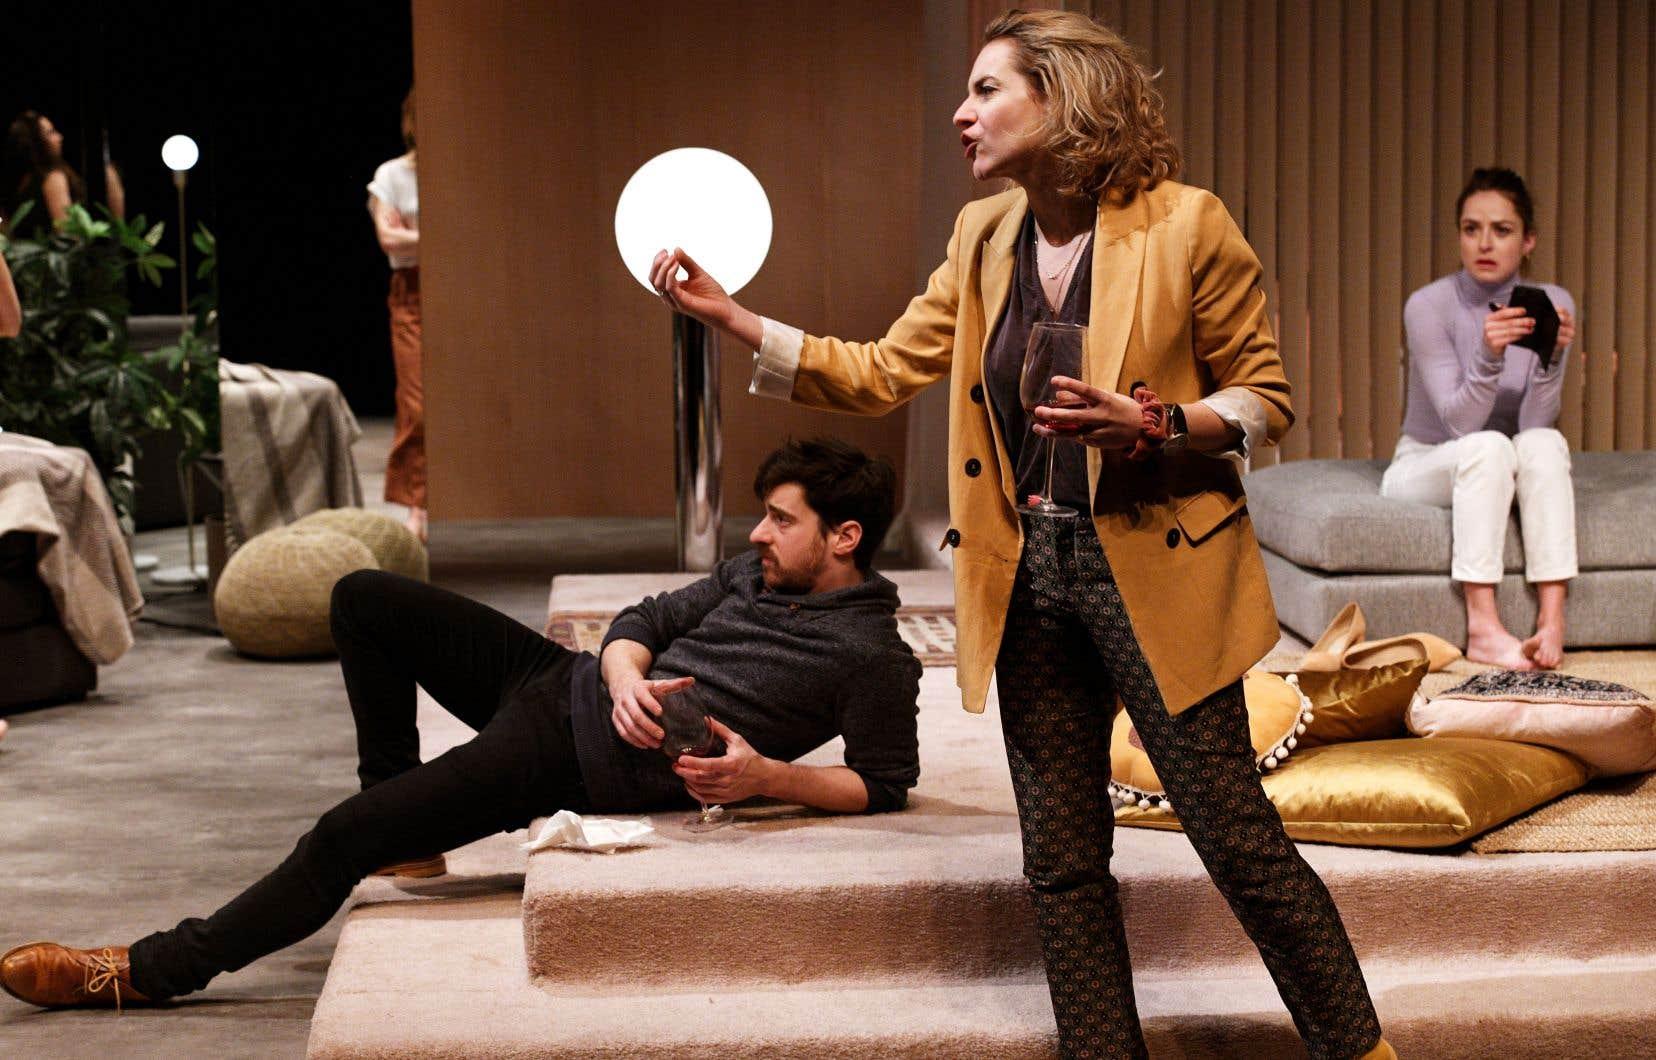 Louis (Benoit Drouin-Germain), le «no» future, Gabrielle (Léane Labrèche-Dor), la cynique assumée, et Raphaëlle (Catherine Chabot), l'indécise résignée, ont des échanges incisifs durant la pièce «Lignes de fuite». Ils cherchent à la fois le sens et la fuite.